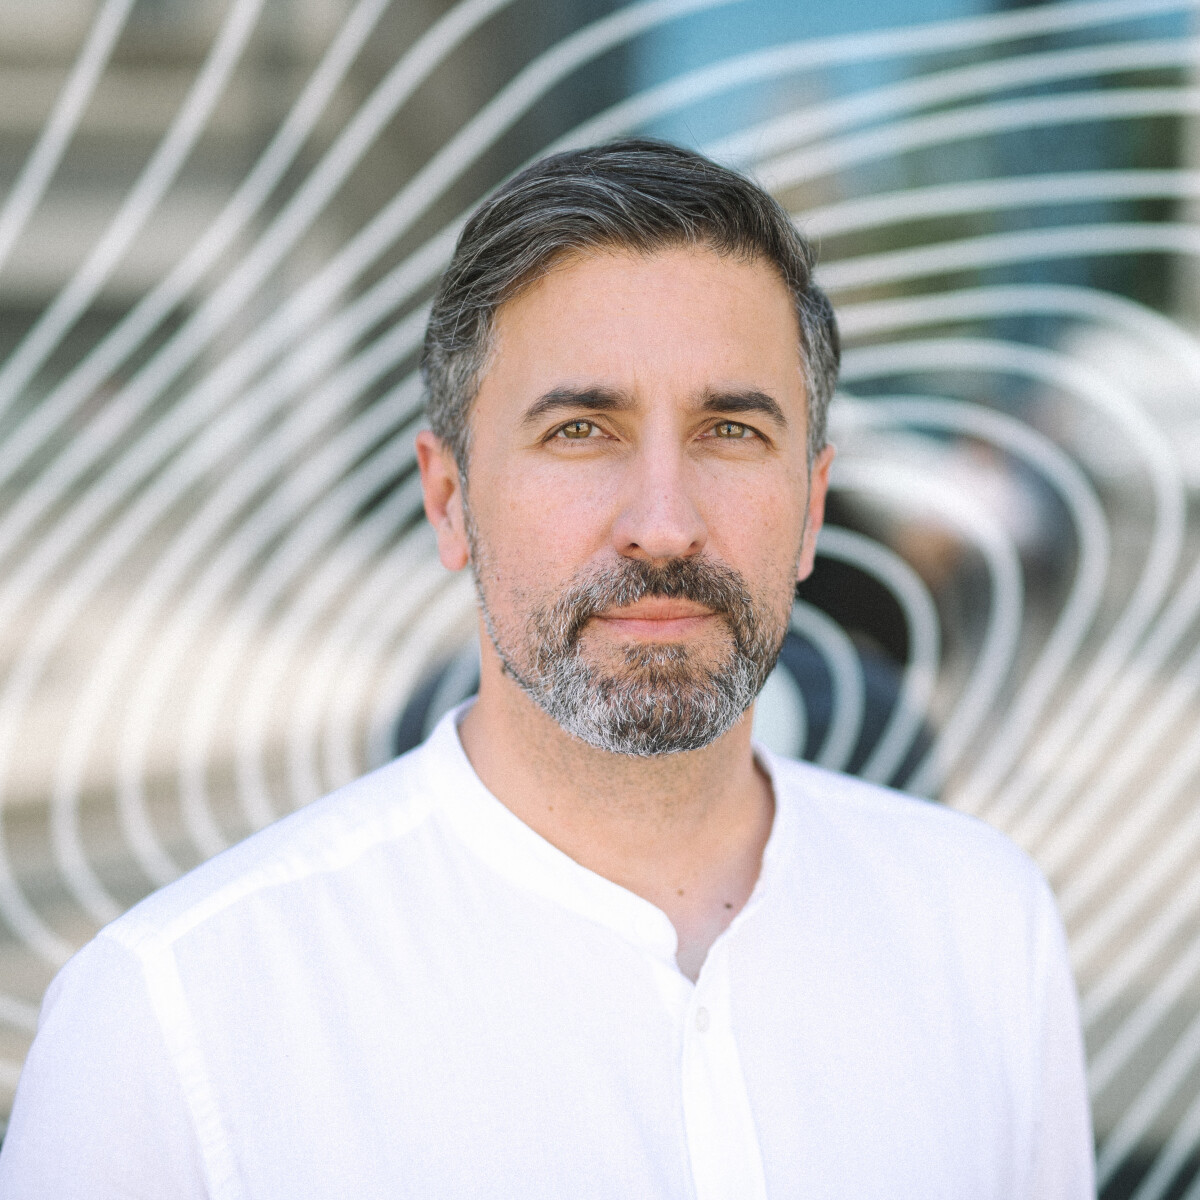 Két Michelin-csillag után metamorfózis: az új Onyx terveiről mesélt nekünk Fekete Marcell stratégiai igazgató